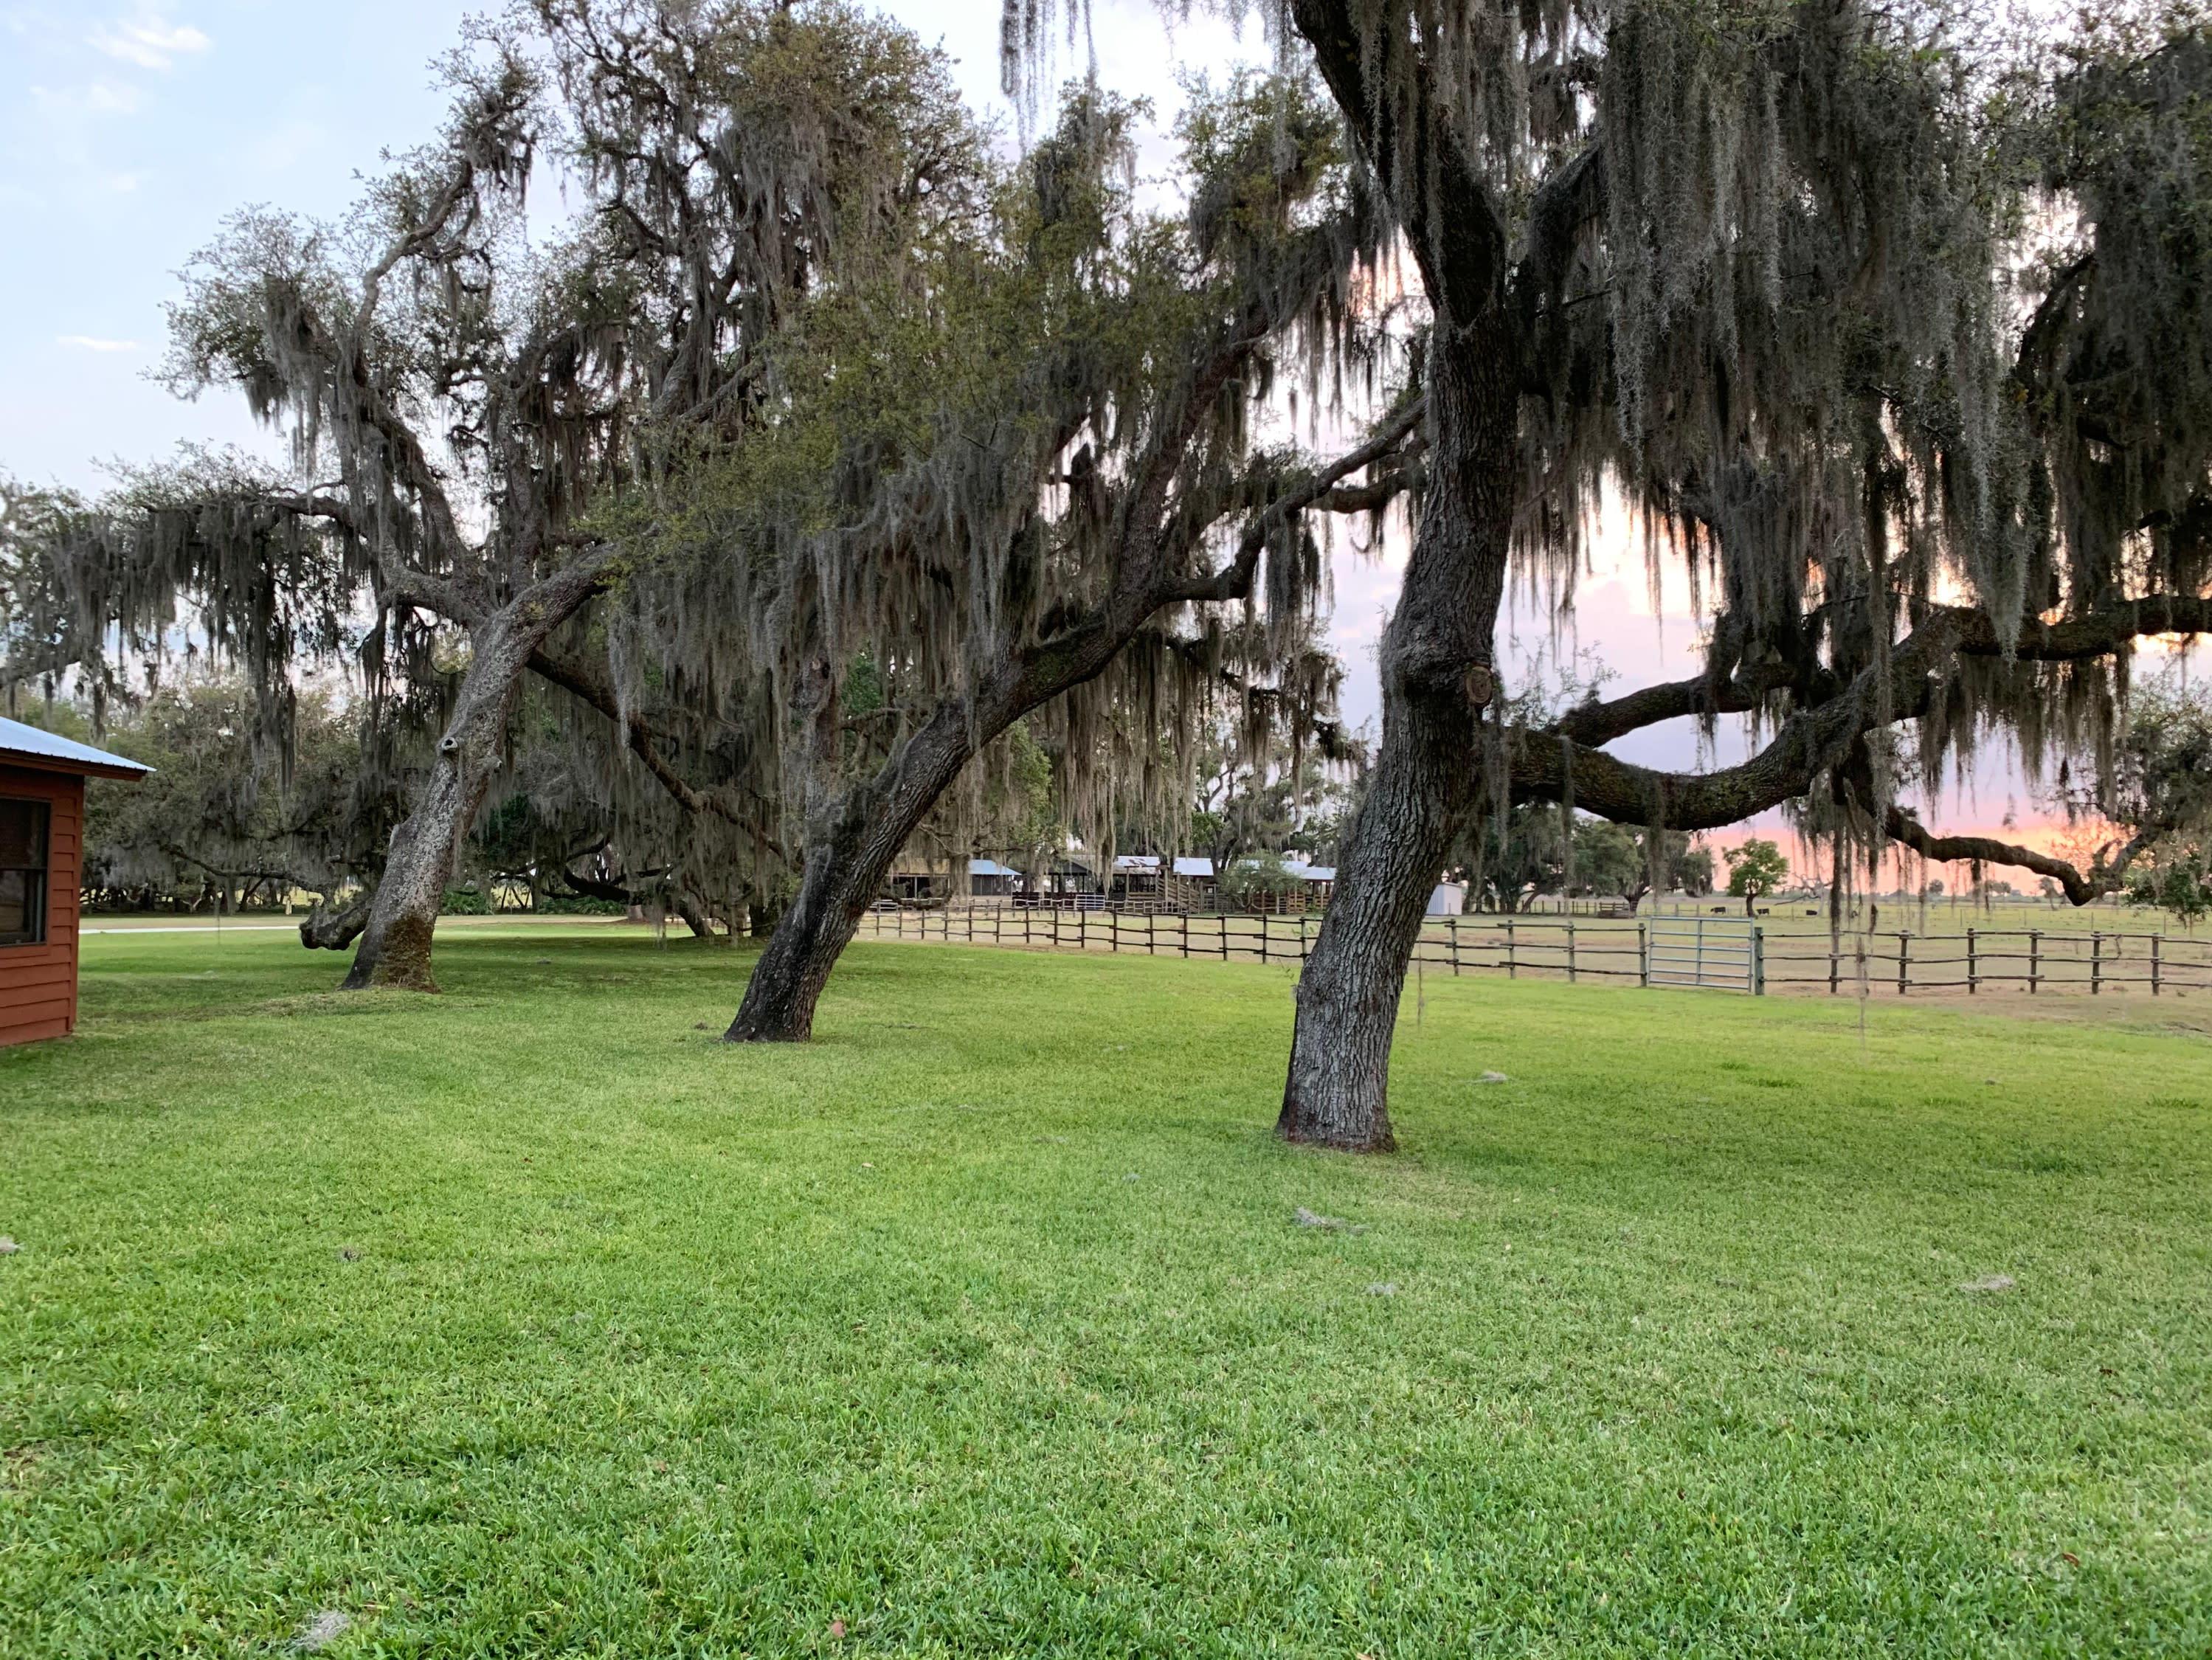 granddaddy oaks